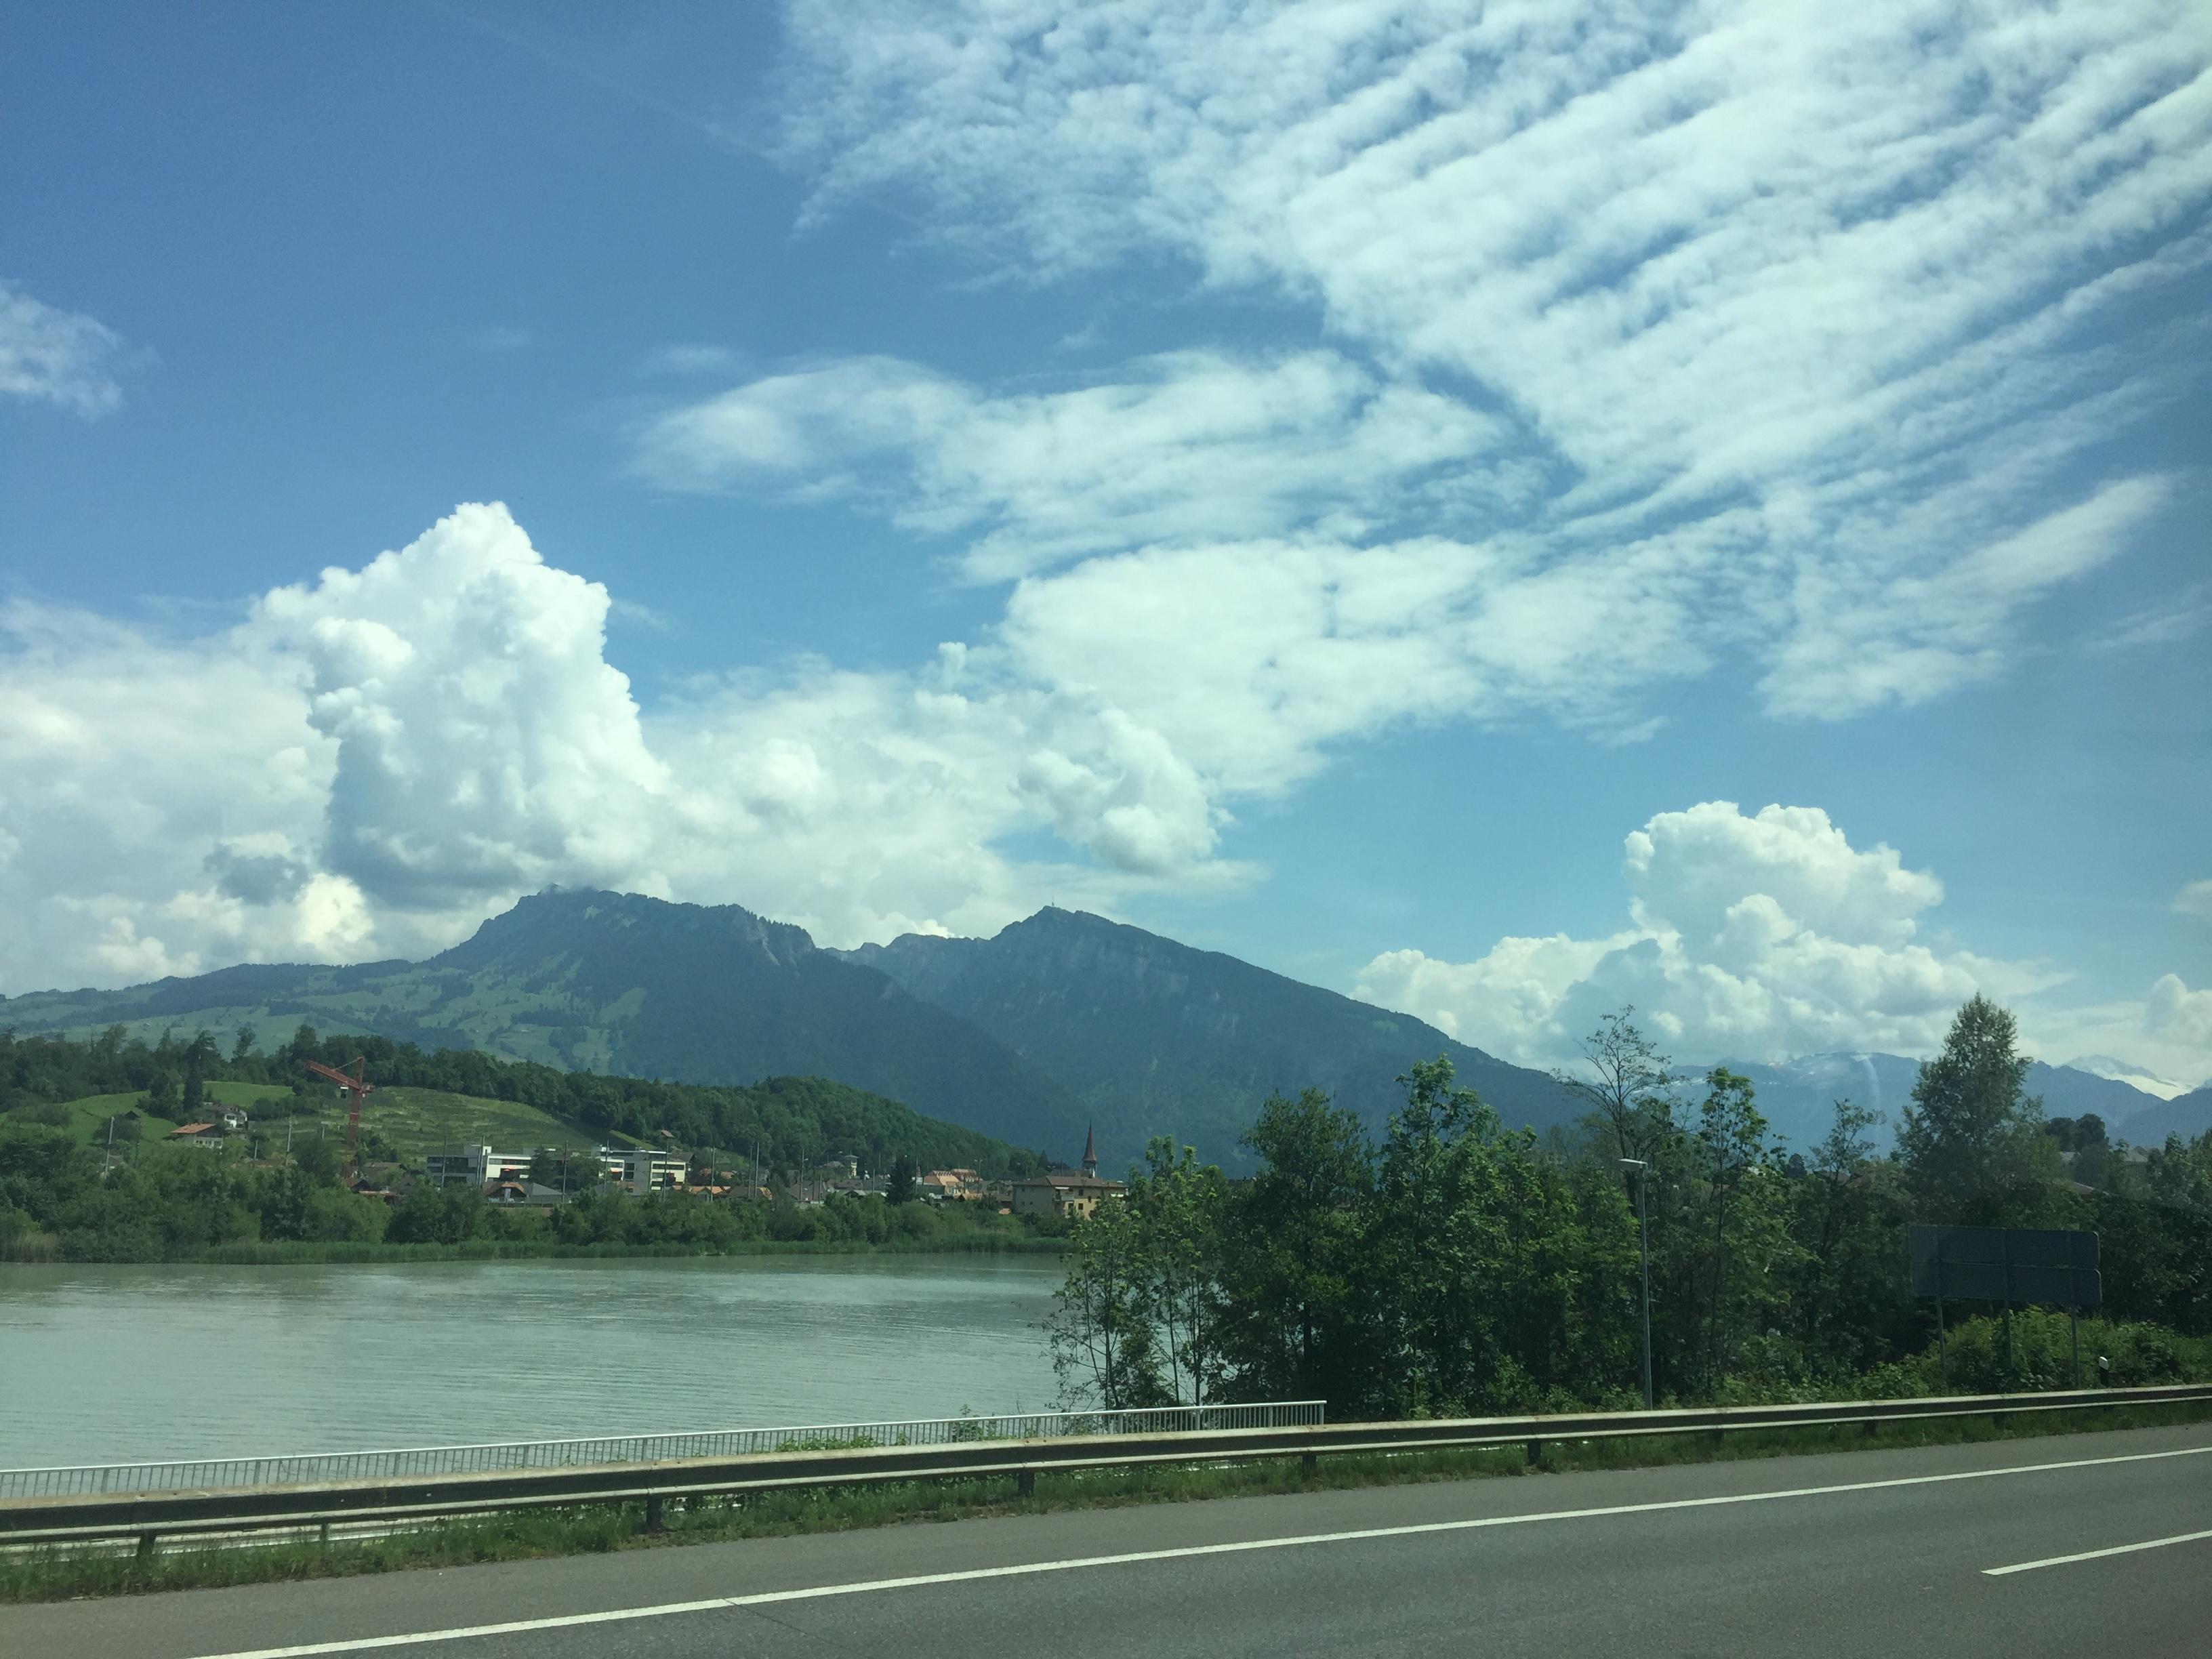 [스위스여행](3) 2017.6.2 아레협곡을 가다